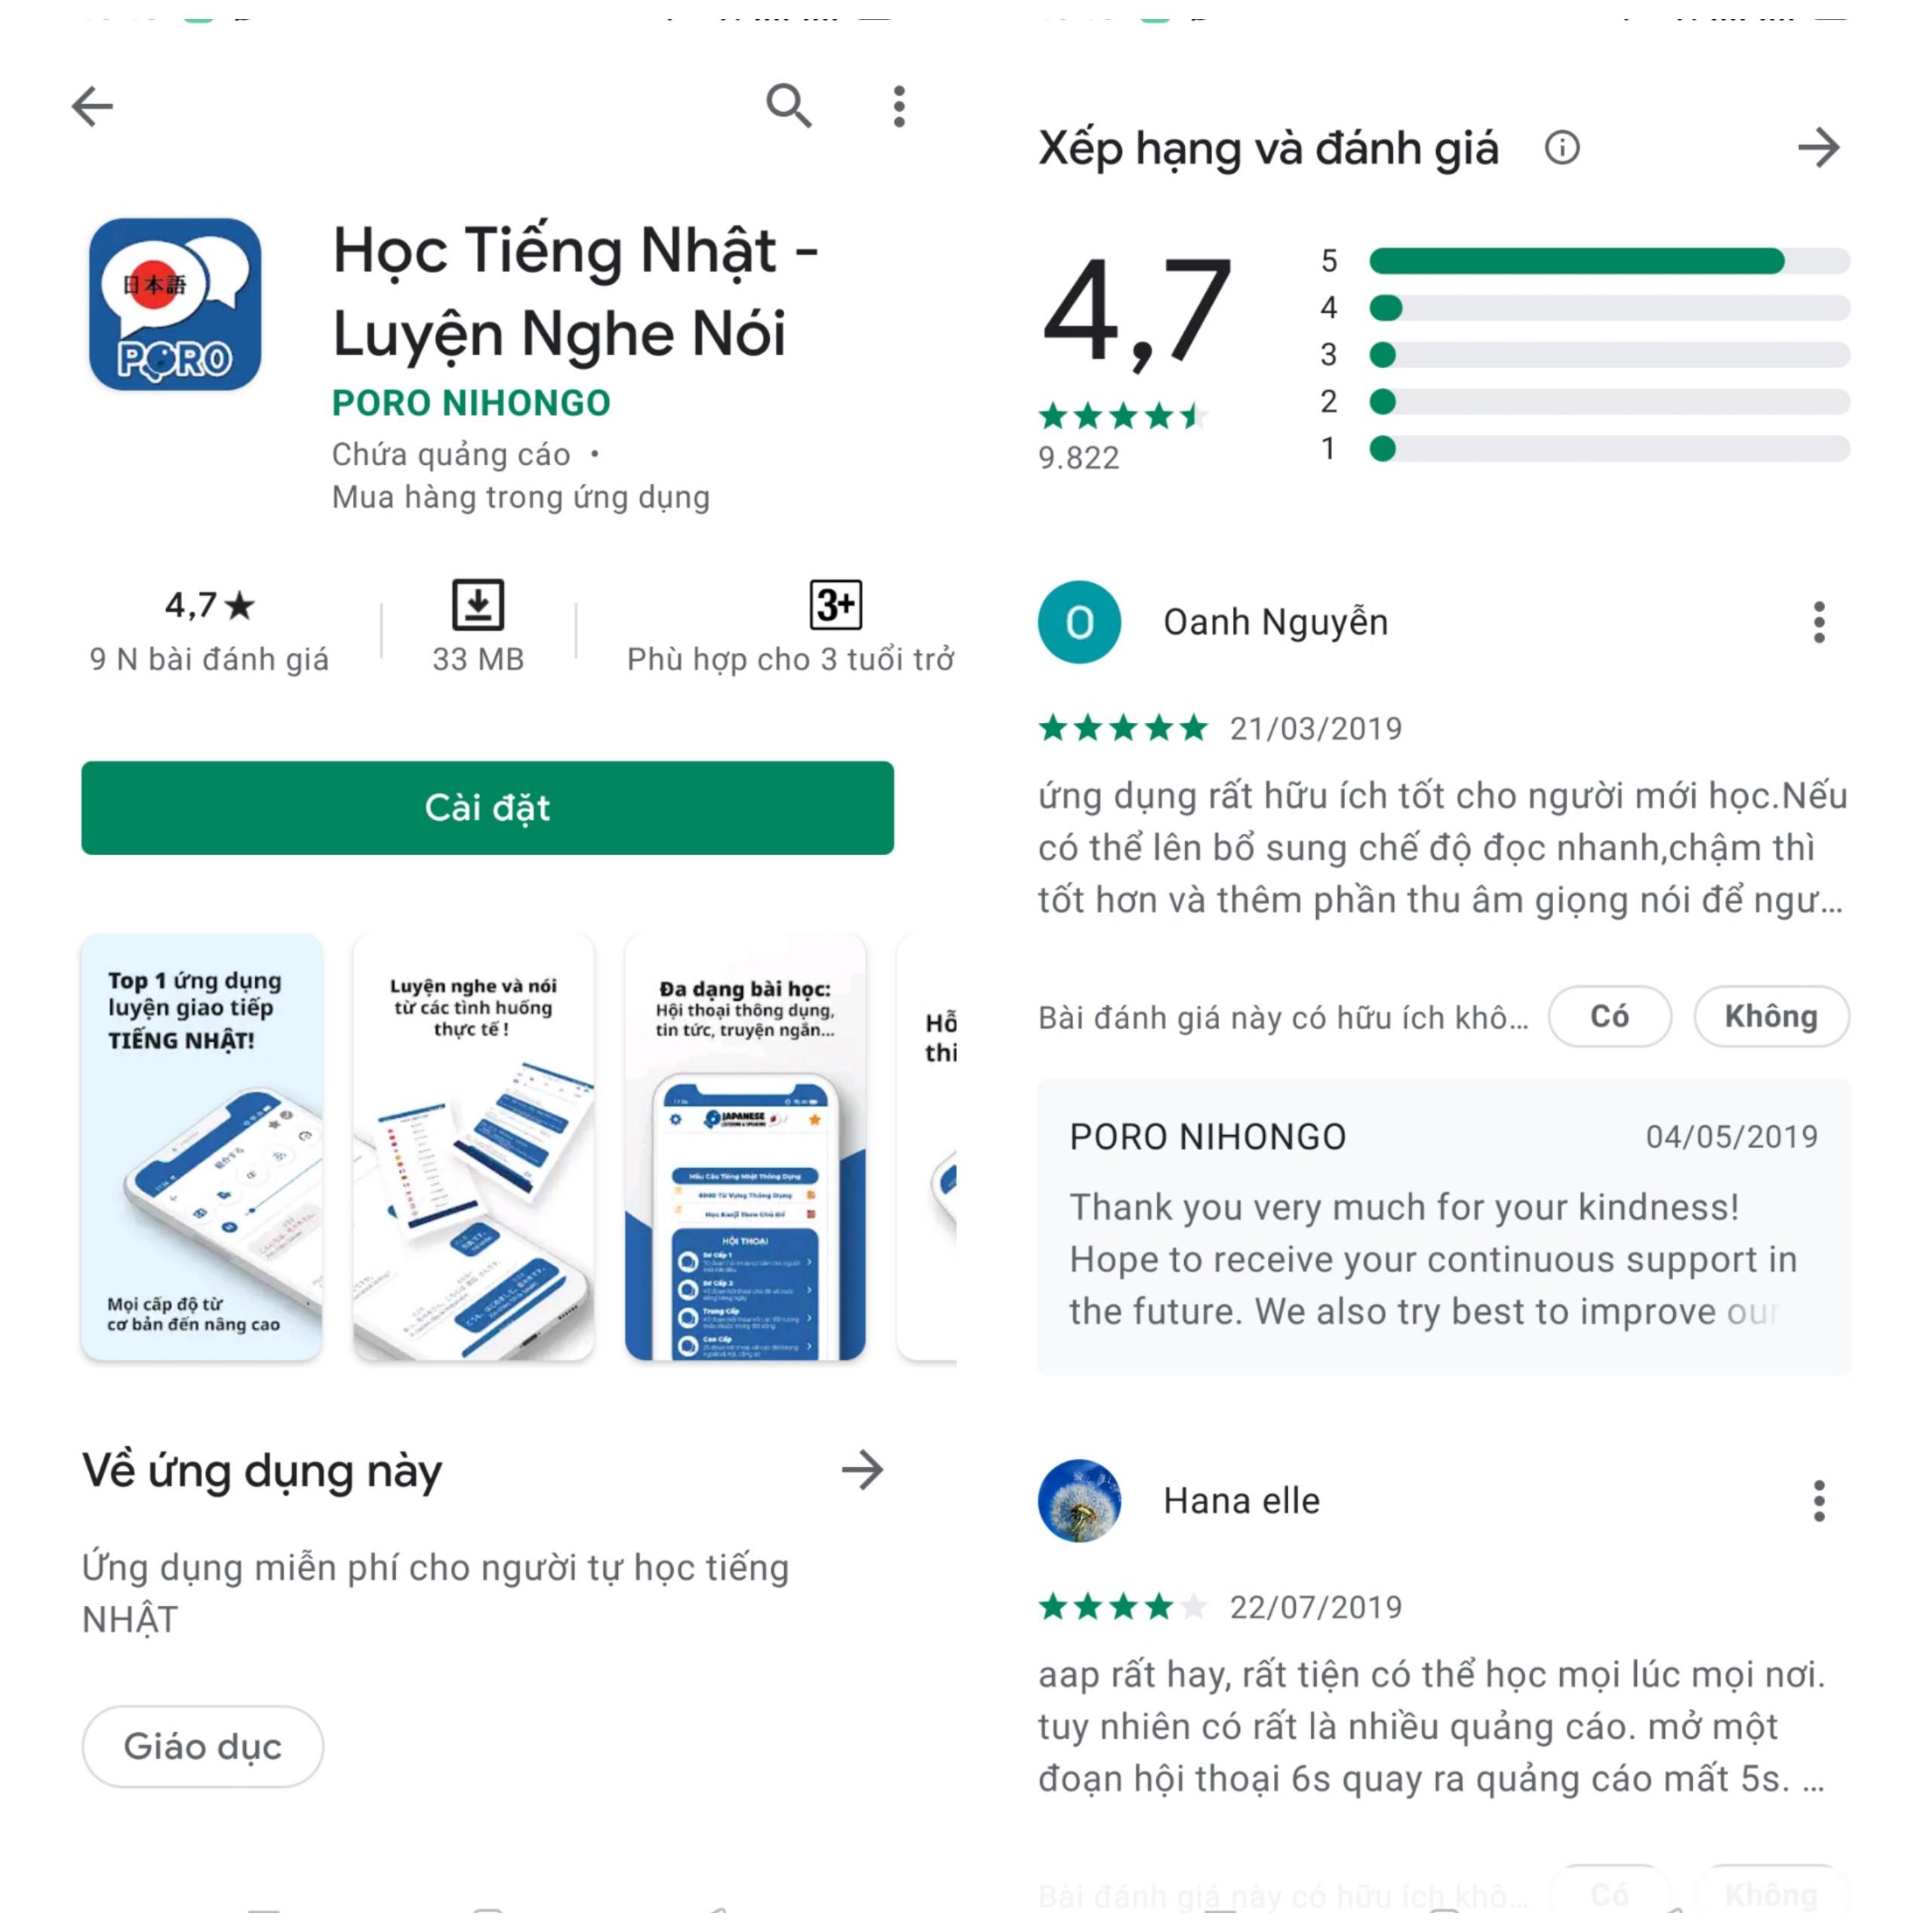 App học giao tiếp tiếng Nhật tốt nhất